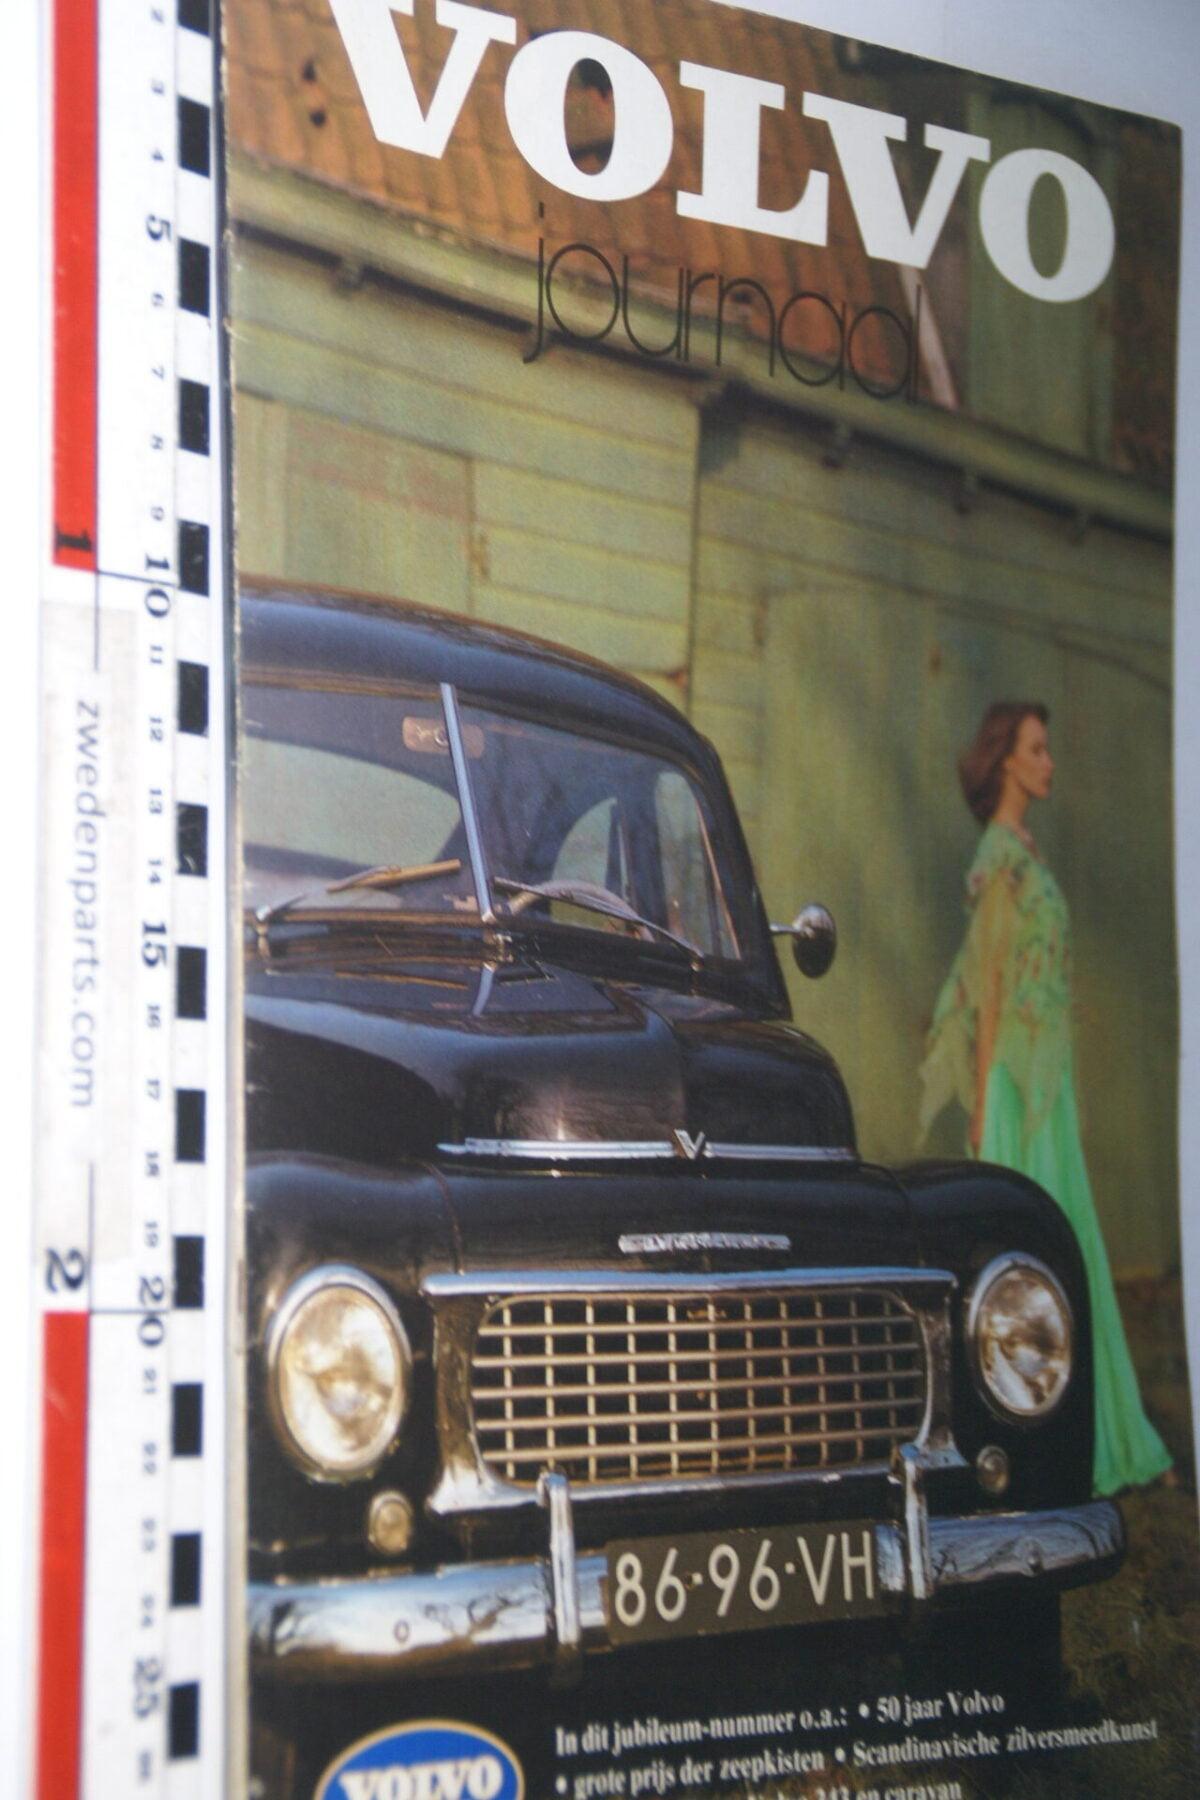 DSC07721 ca 1977 origineel tijdschrift Volvo Journaal-a3342ed7